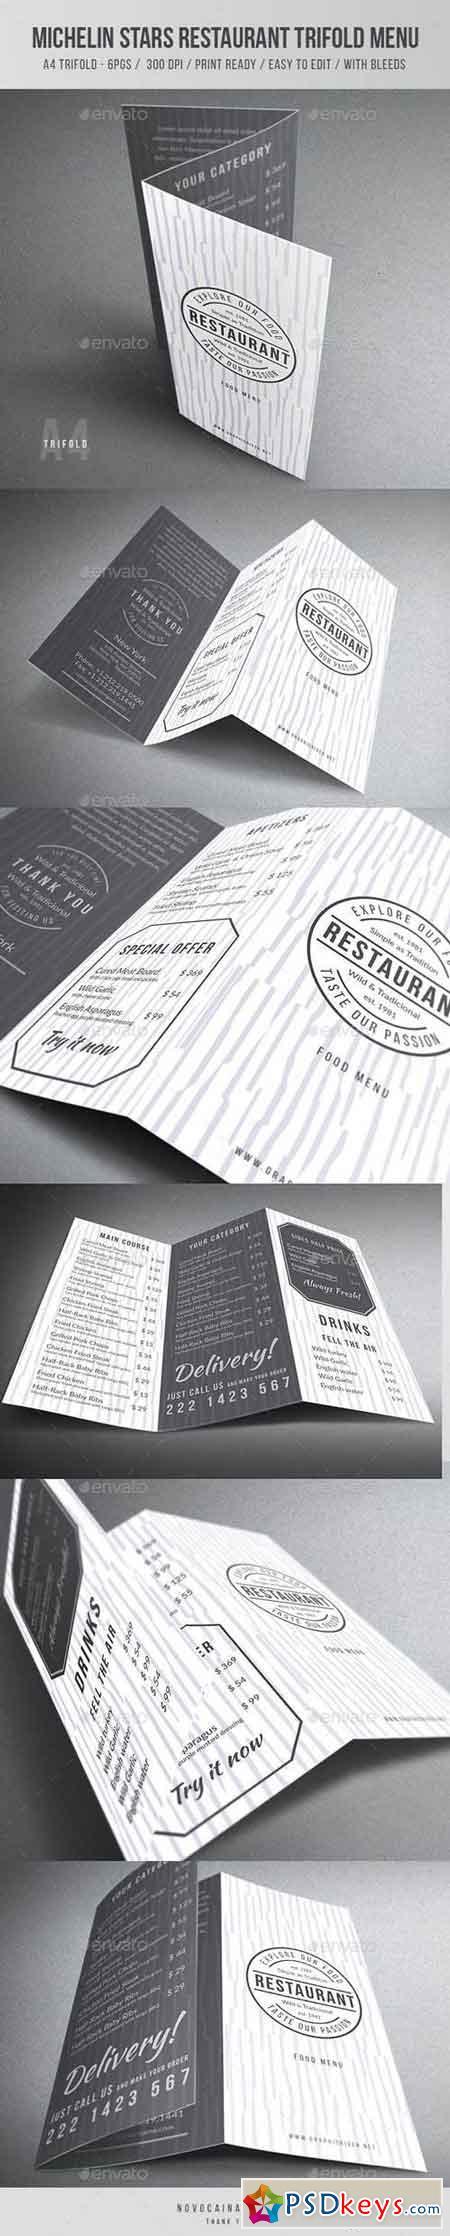 Michelin Stars Restaurant Trfiold Menu 19308672